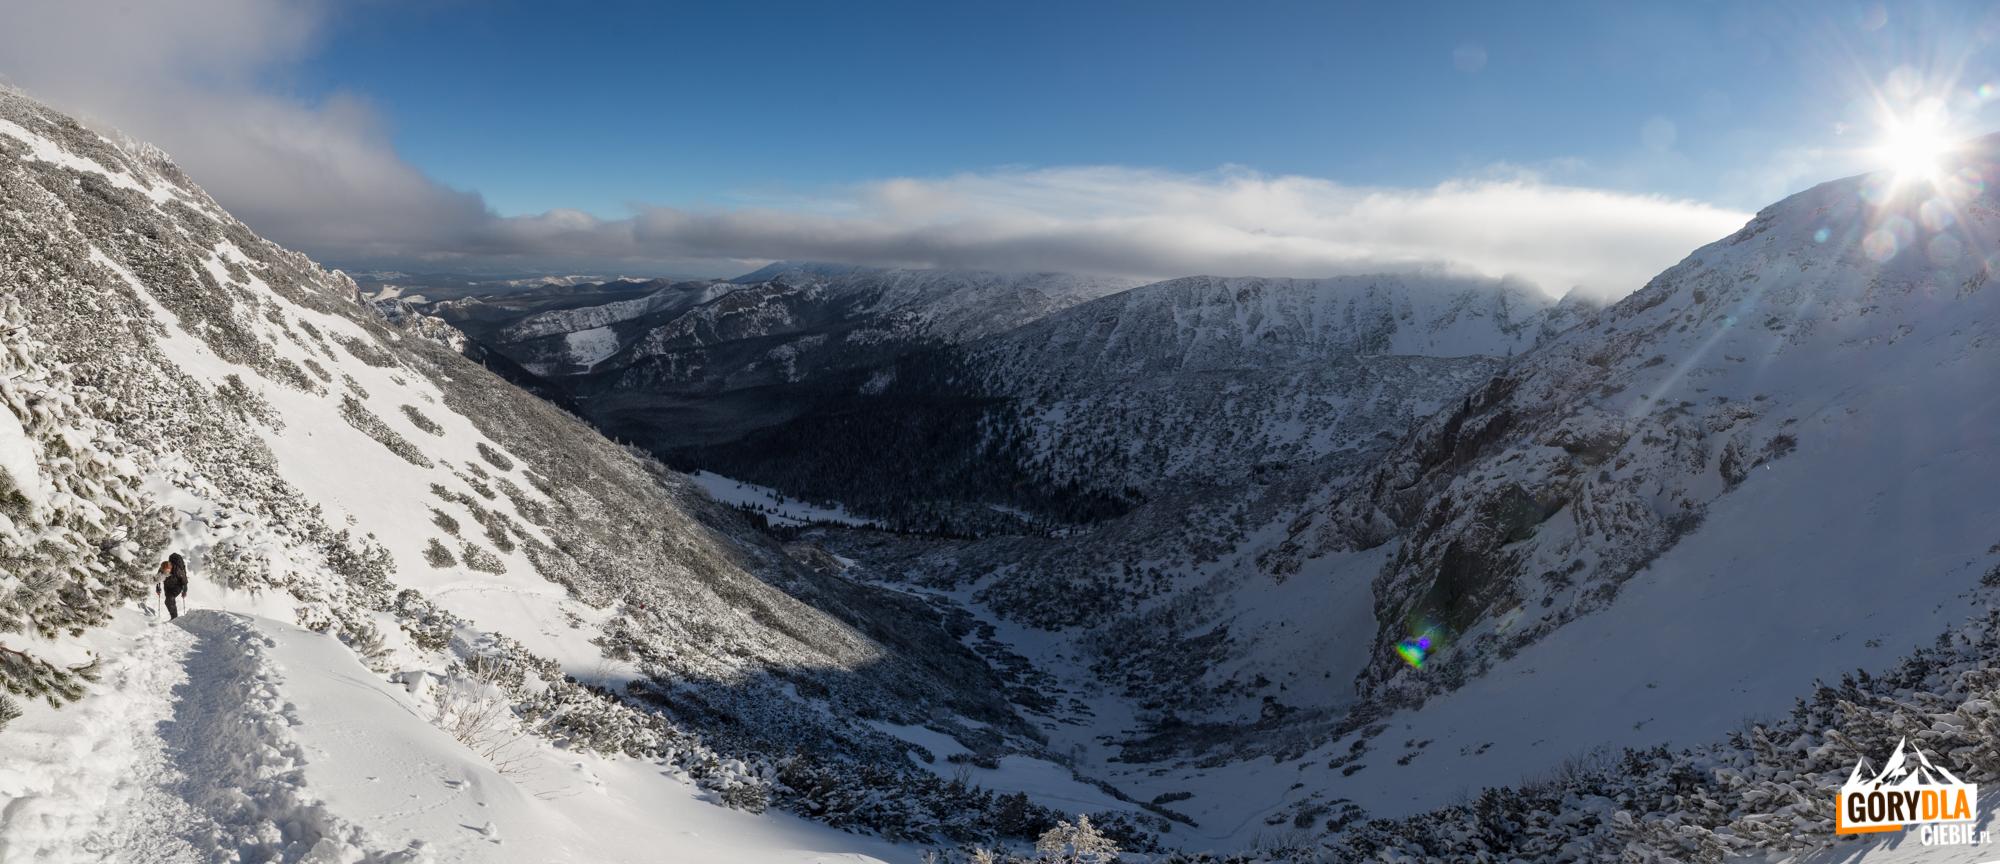 Widok z podejścia na Kondracką Przełęcz (1725 m), w dole Dolina Małego Szerokiego i Piekło